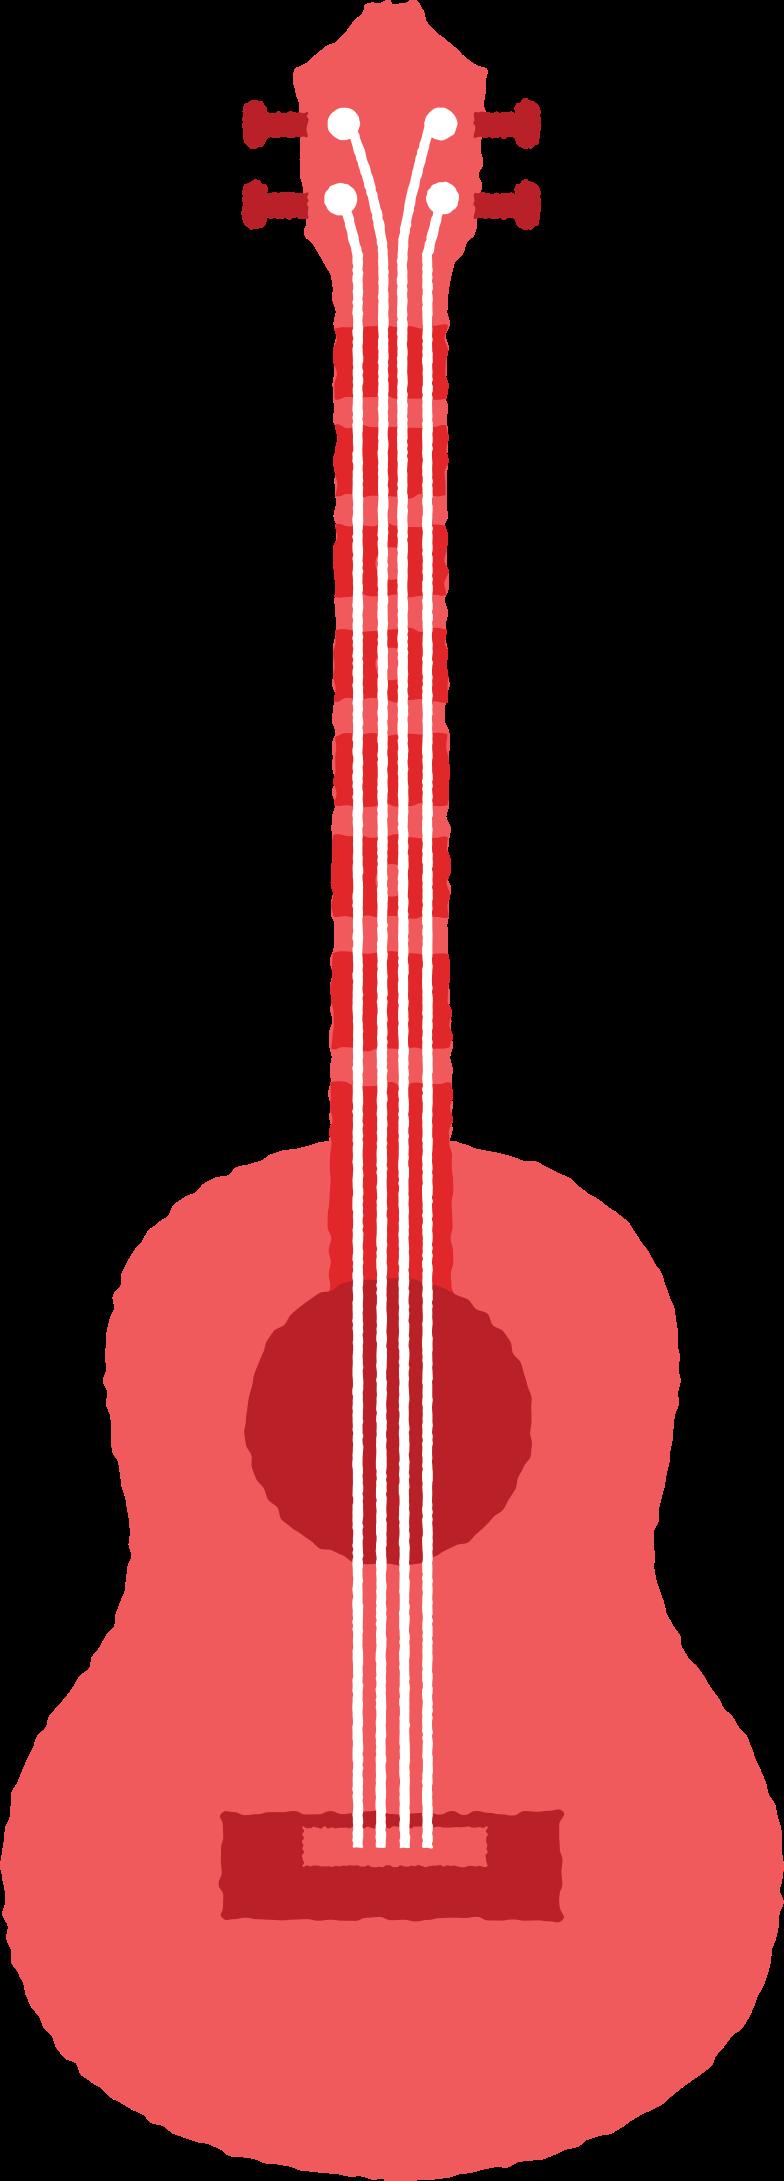 gutar Clipart illustration in PNG, SVG